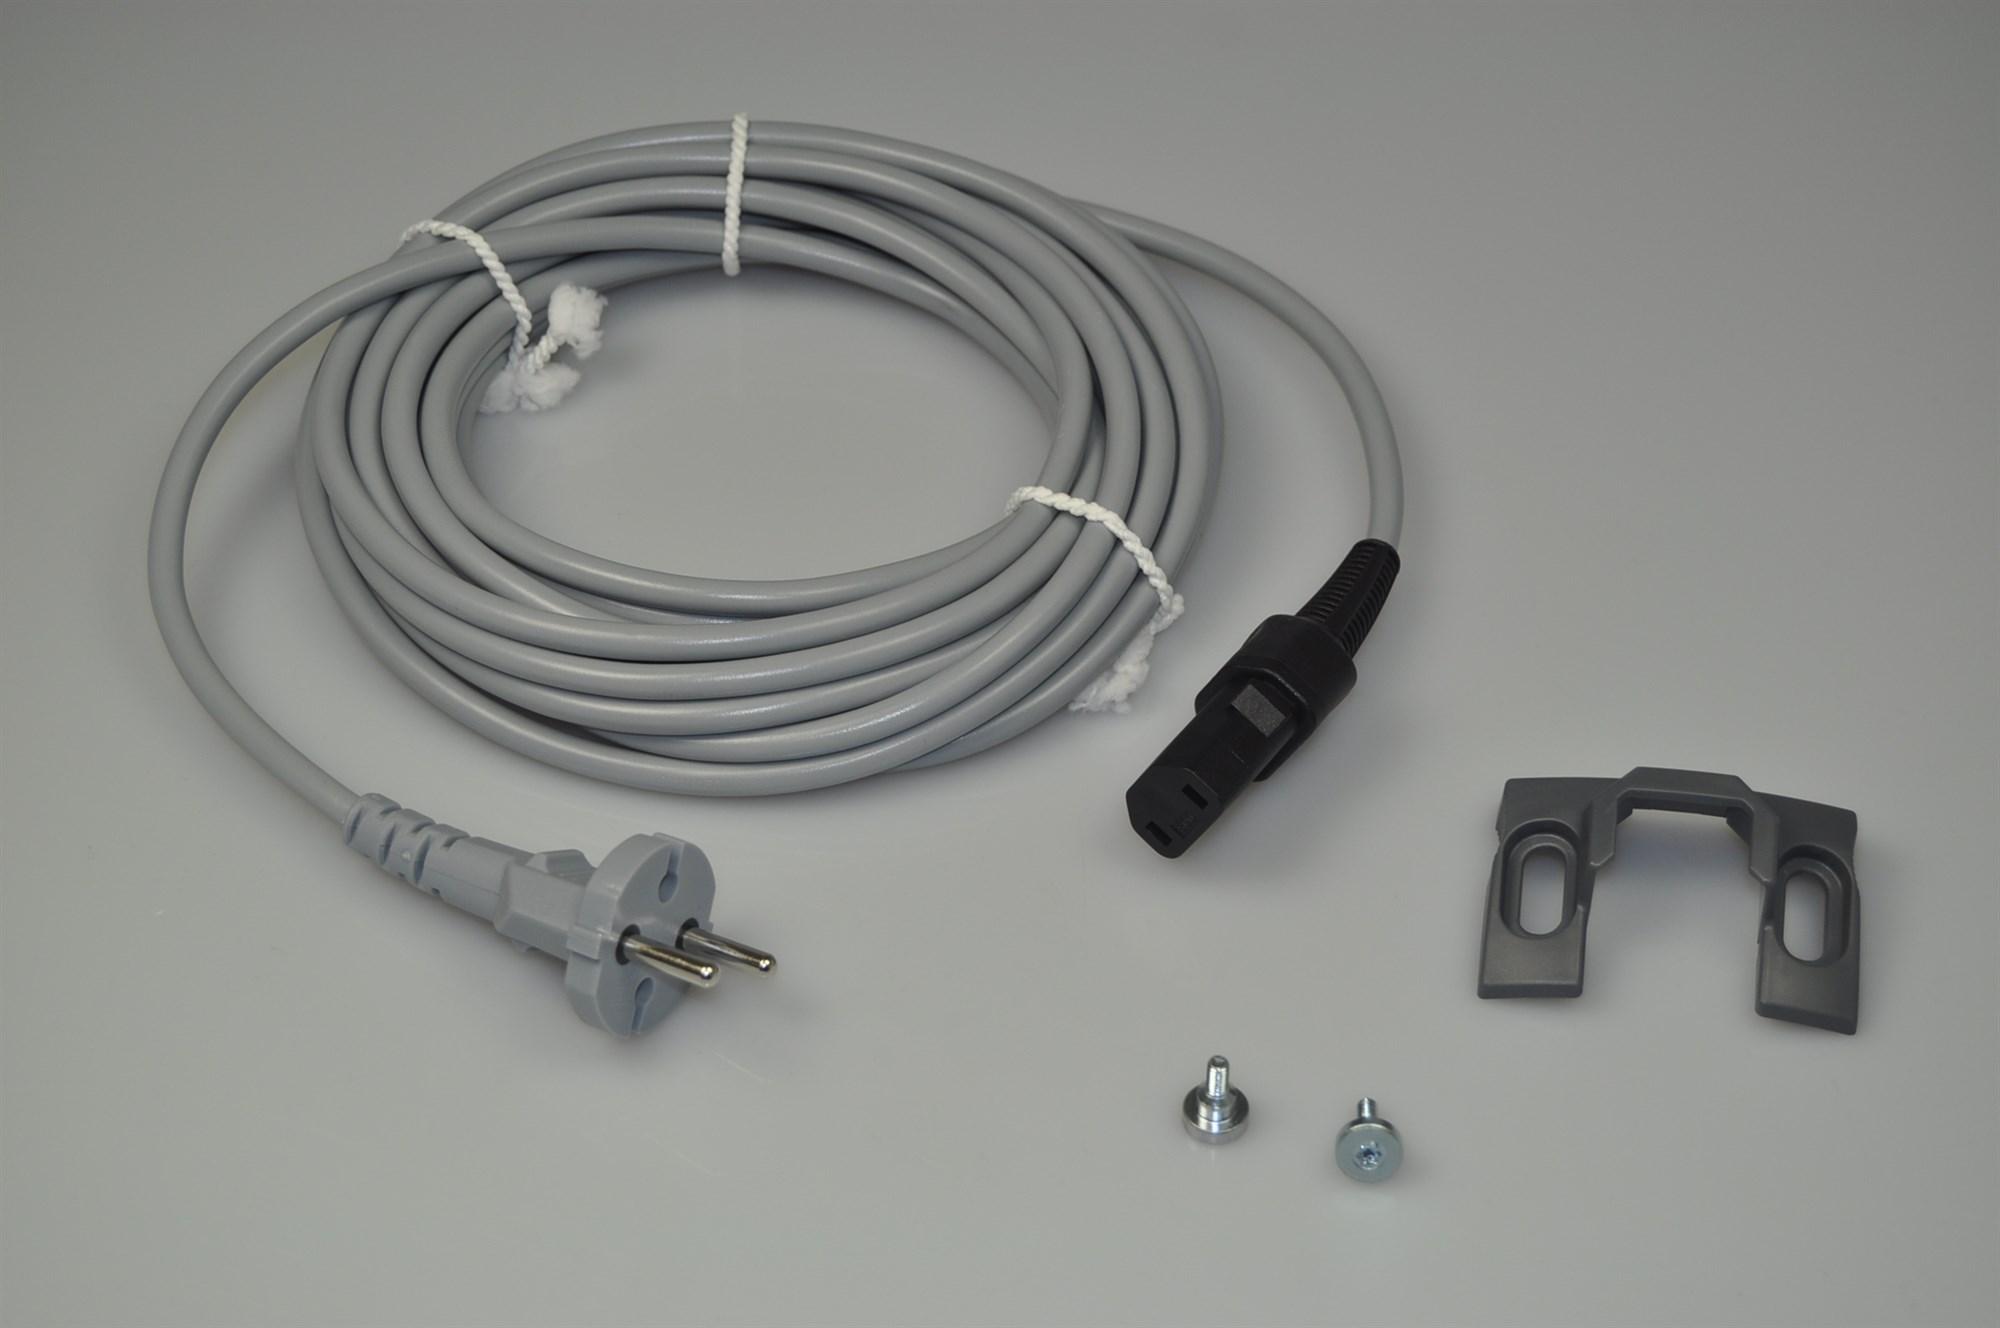 kabelaufroller nilfisk staubsauger 7000 mm nur kabel. Black Bedroom Furniture Sets. Home Design Ideas